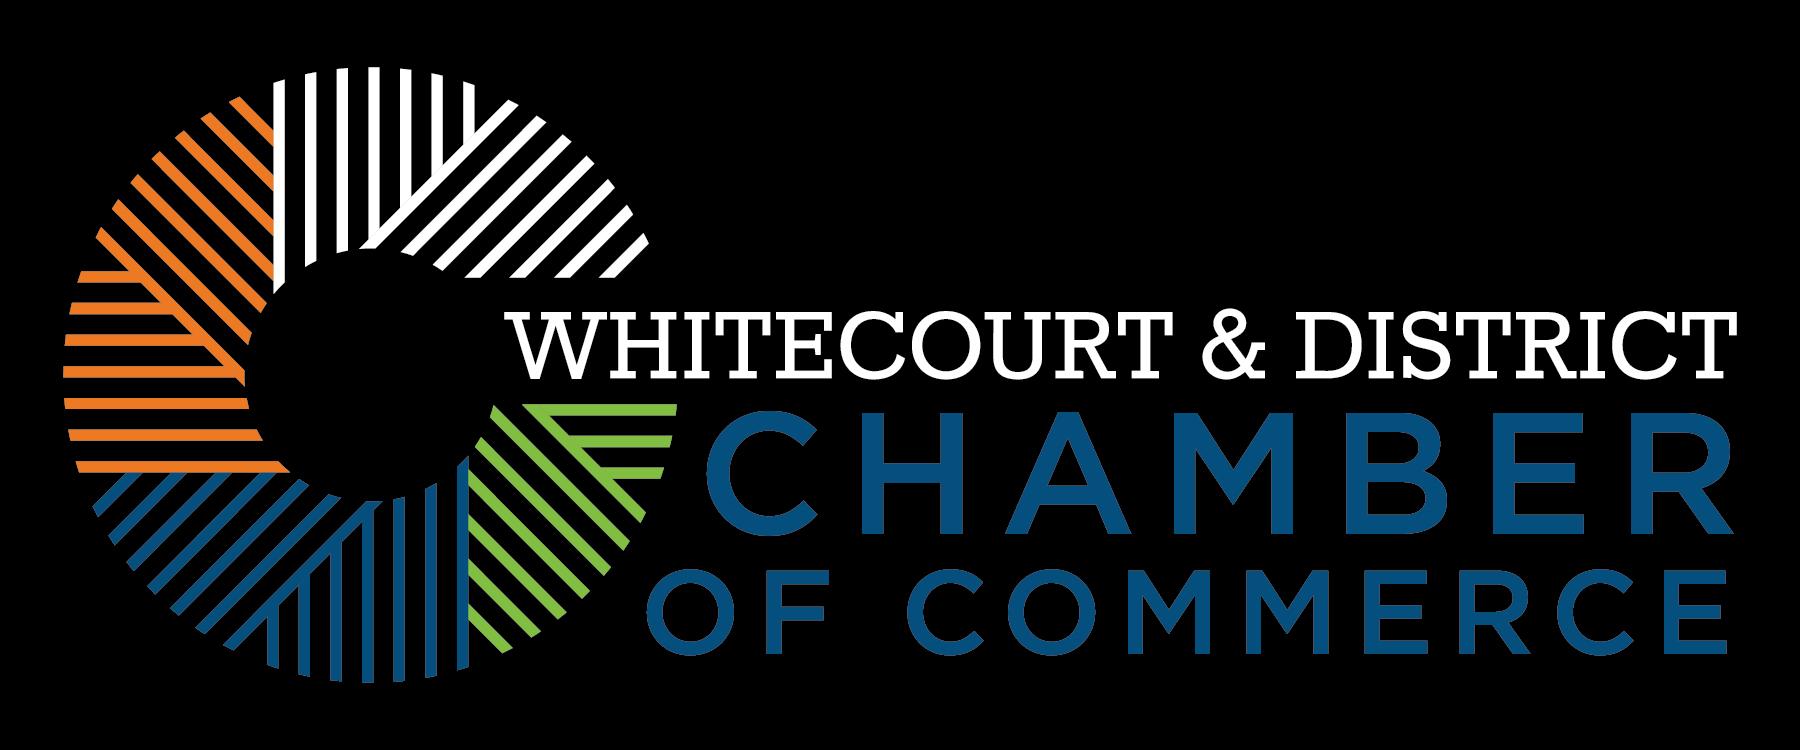 WDChamber-Logo-FullColour-dark